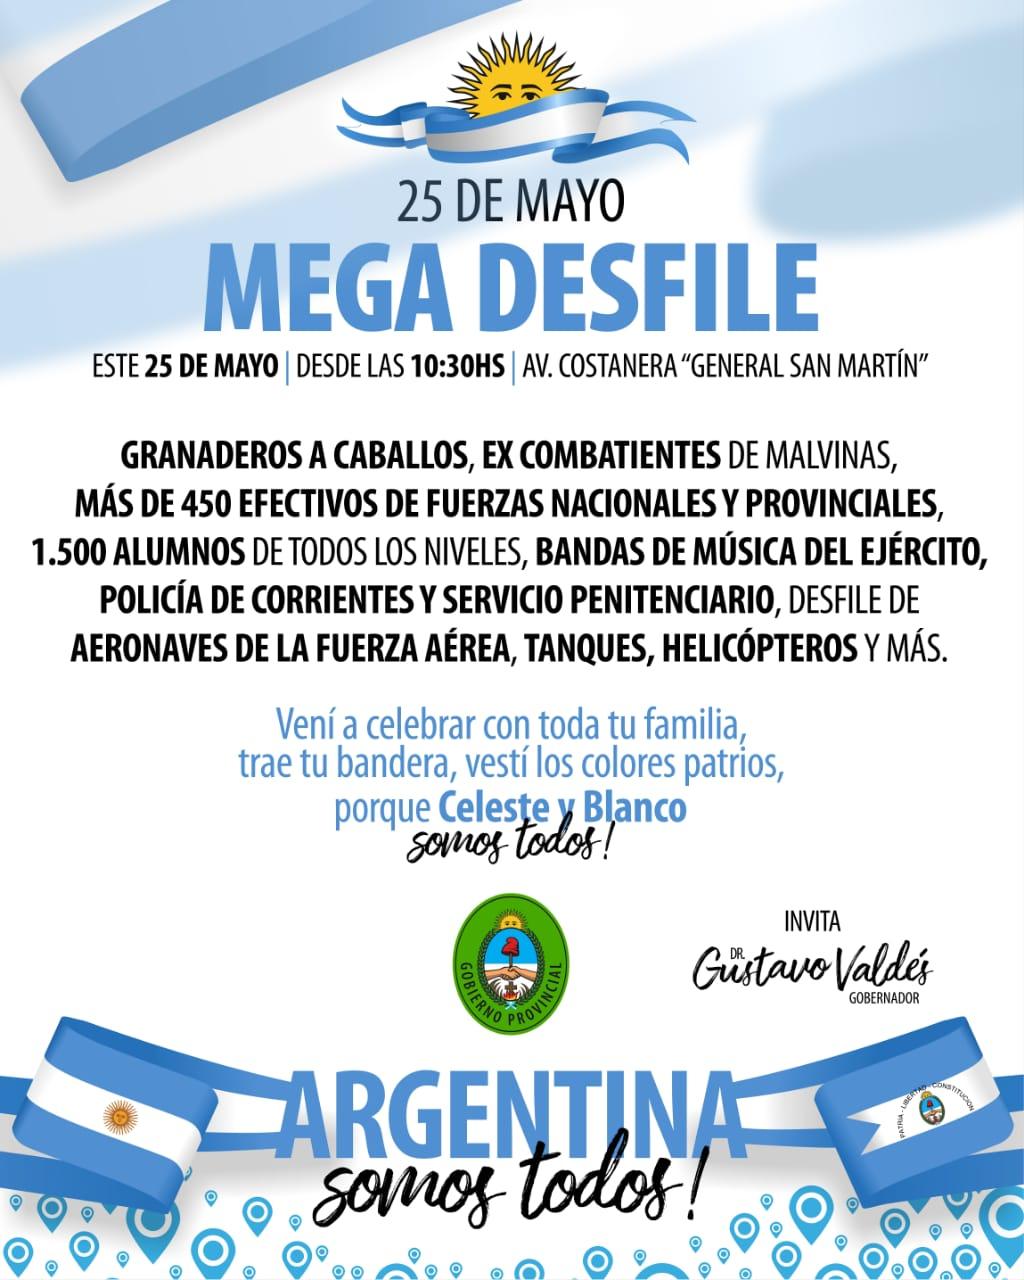 El Gobierno Provincial prepara un mega desfile patrio para el 25 de Mayo